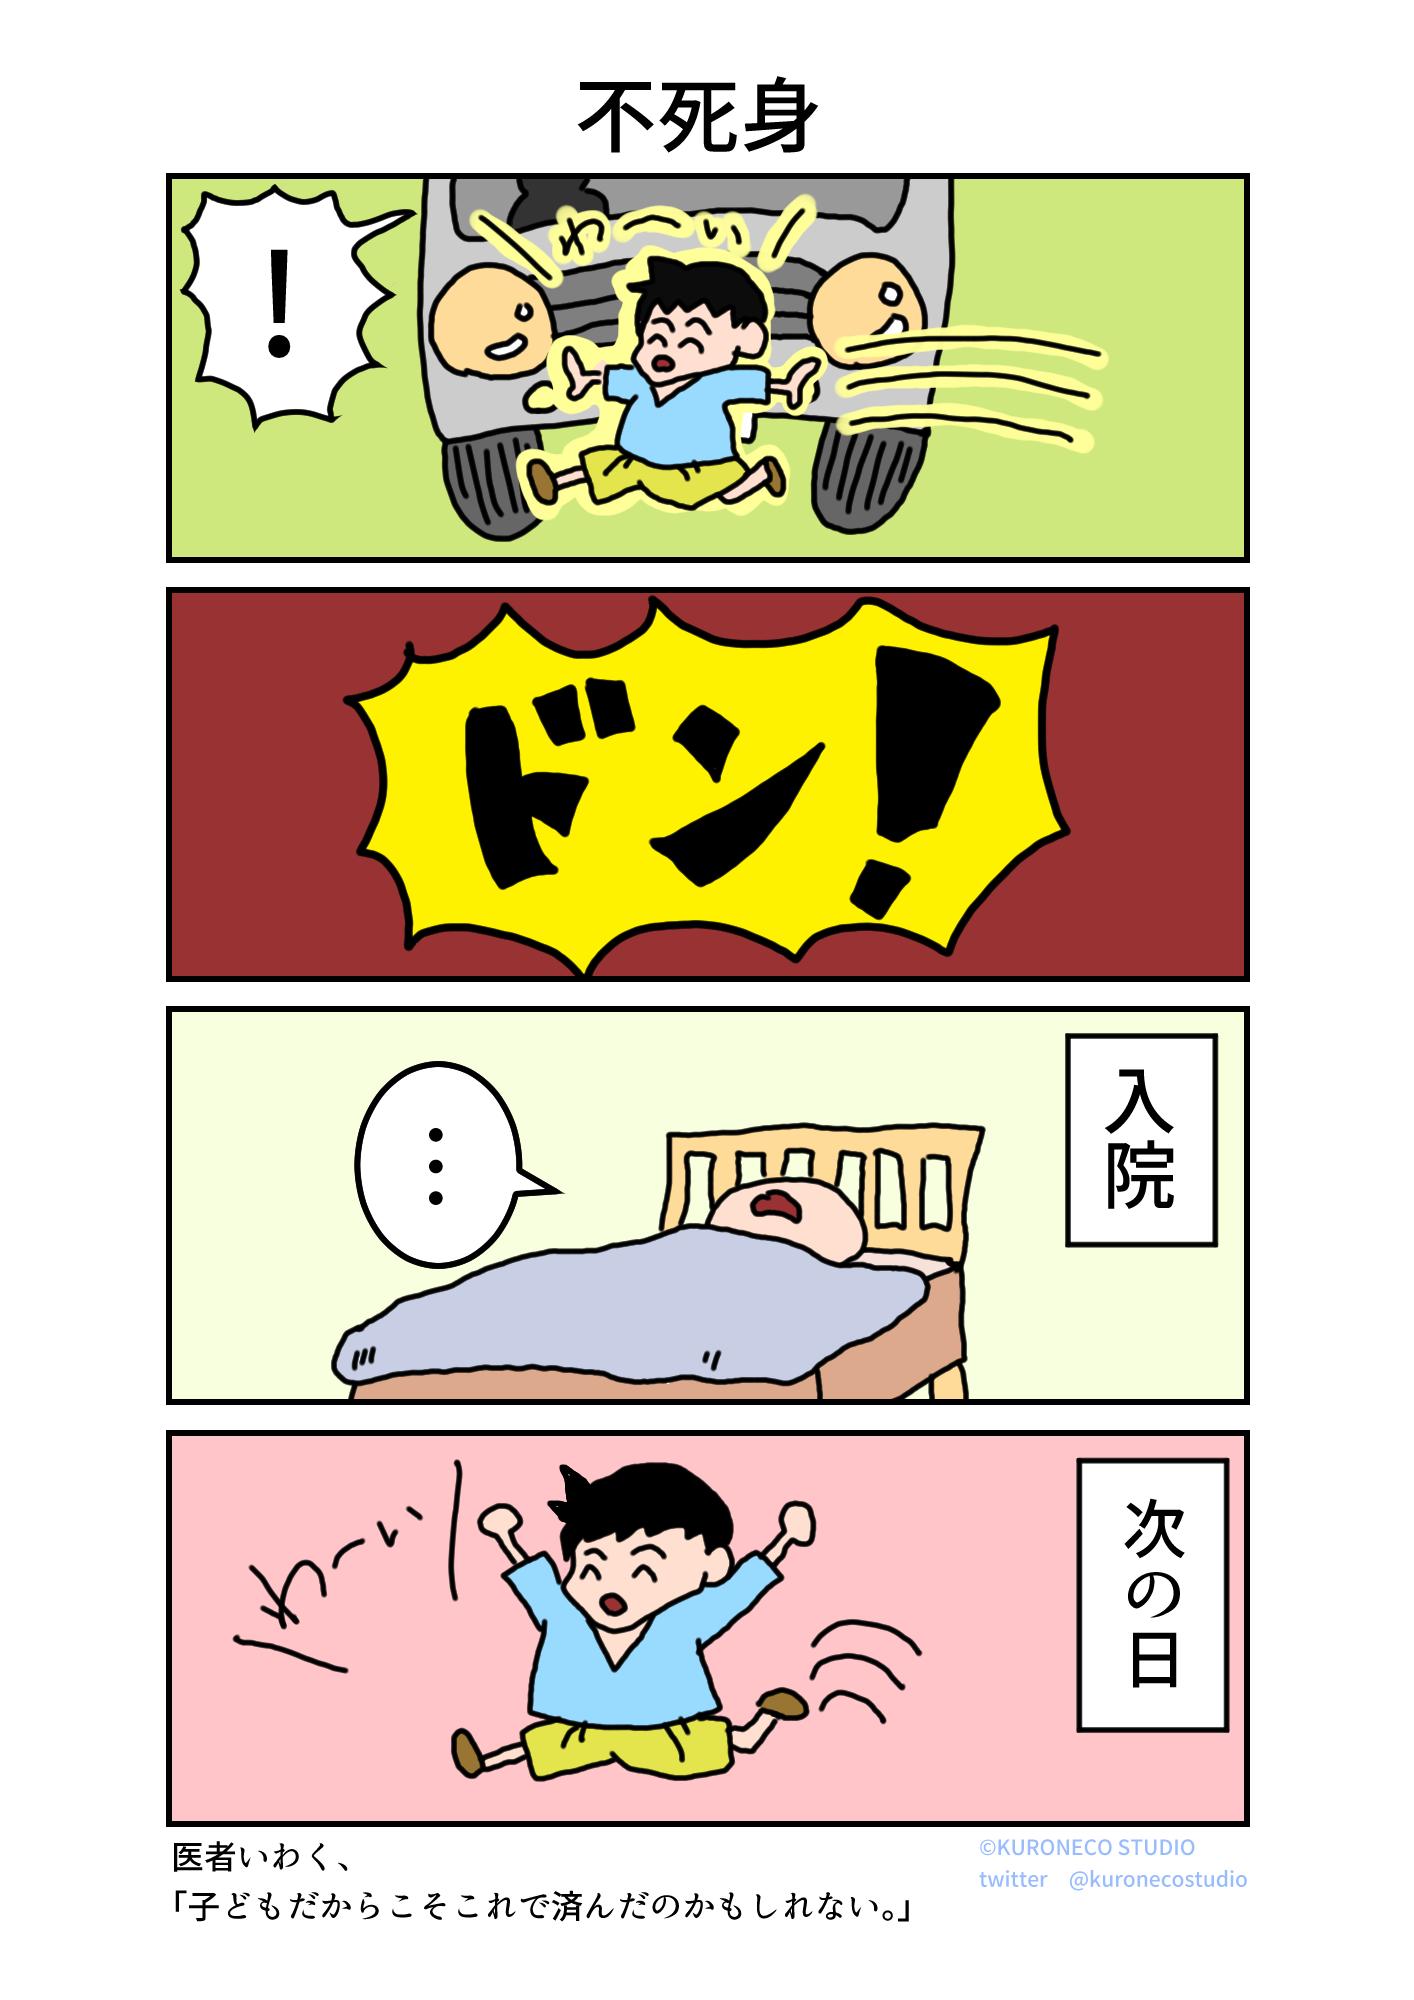 jibun_manga_0001